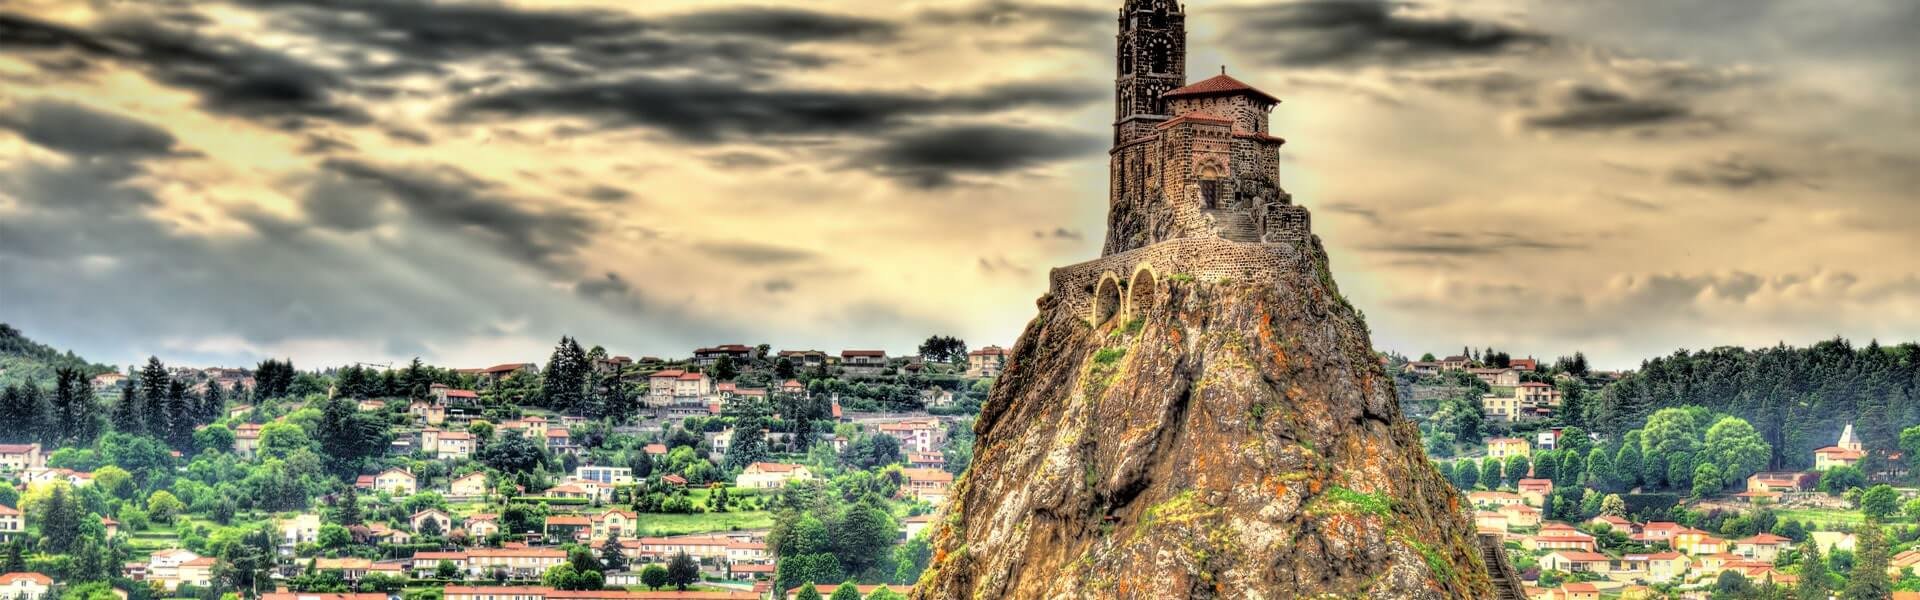 Reise in die Auvergne: Panorama von Le Puy-en-Velay